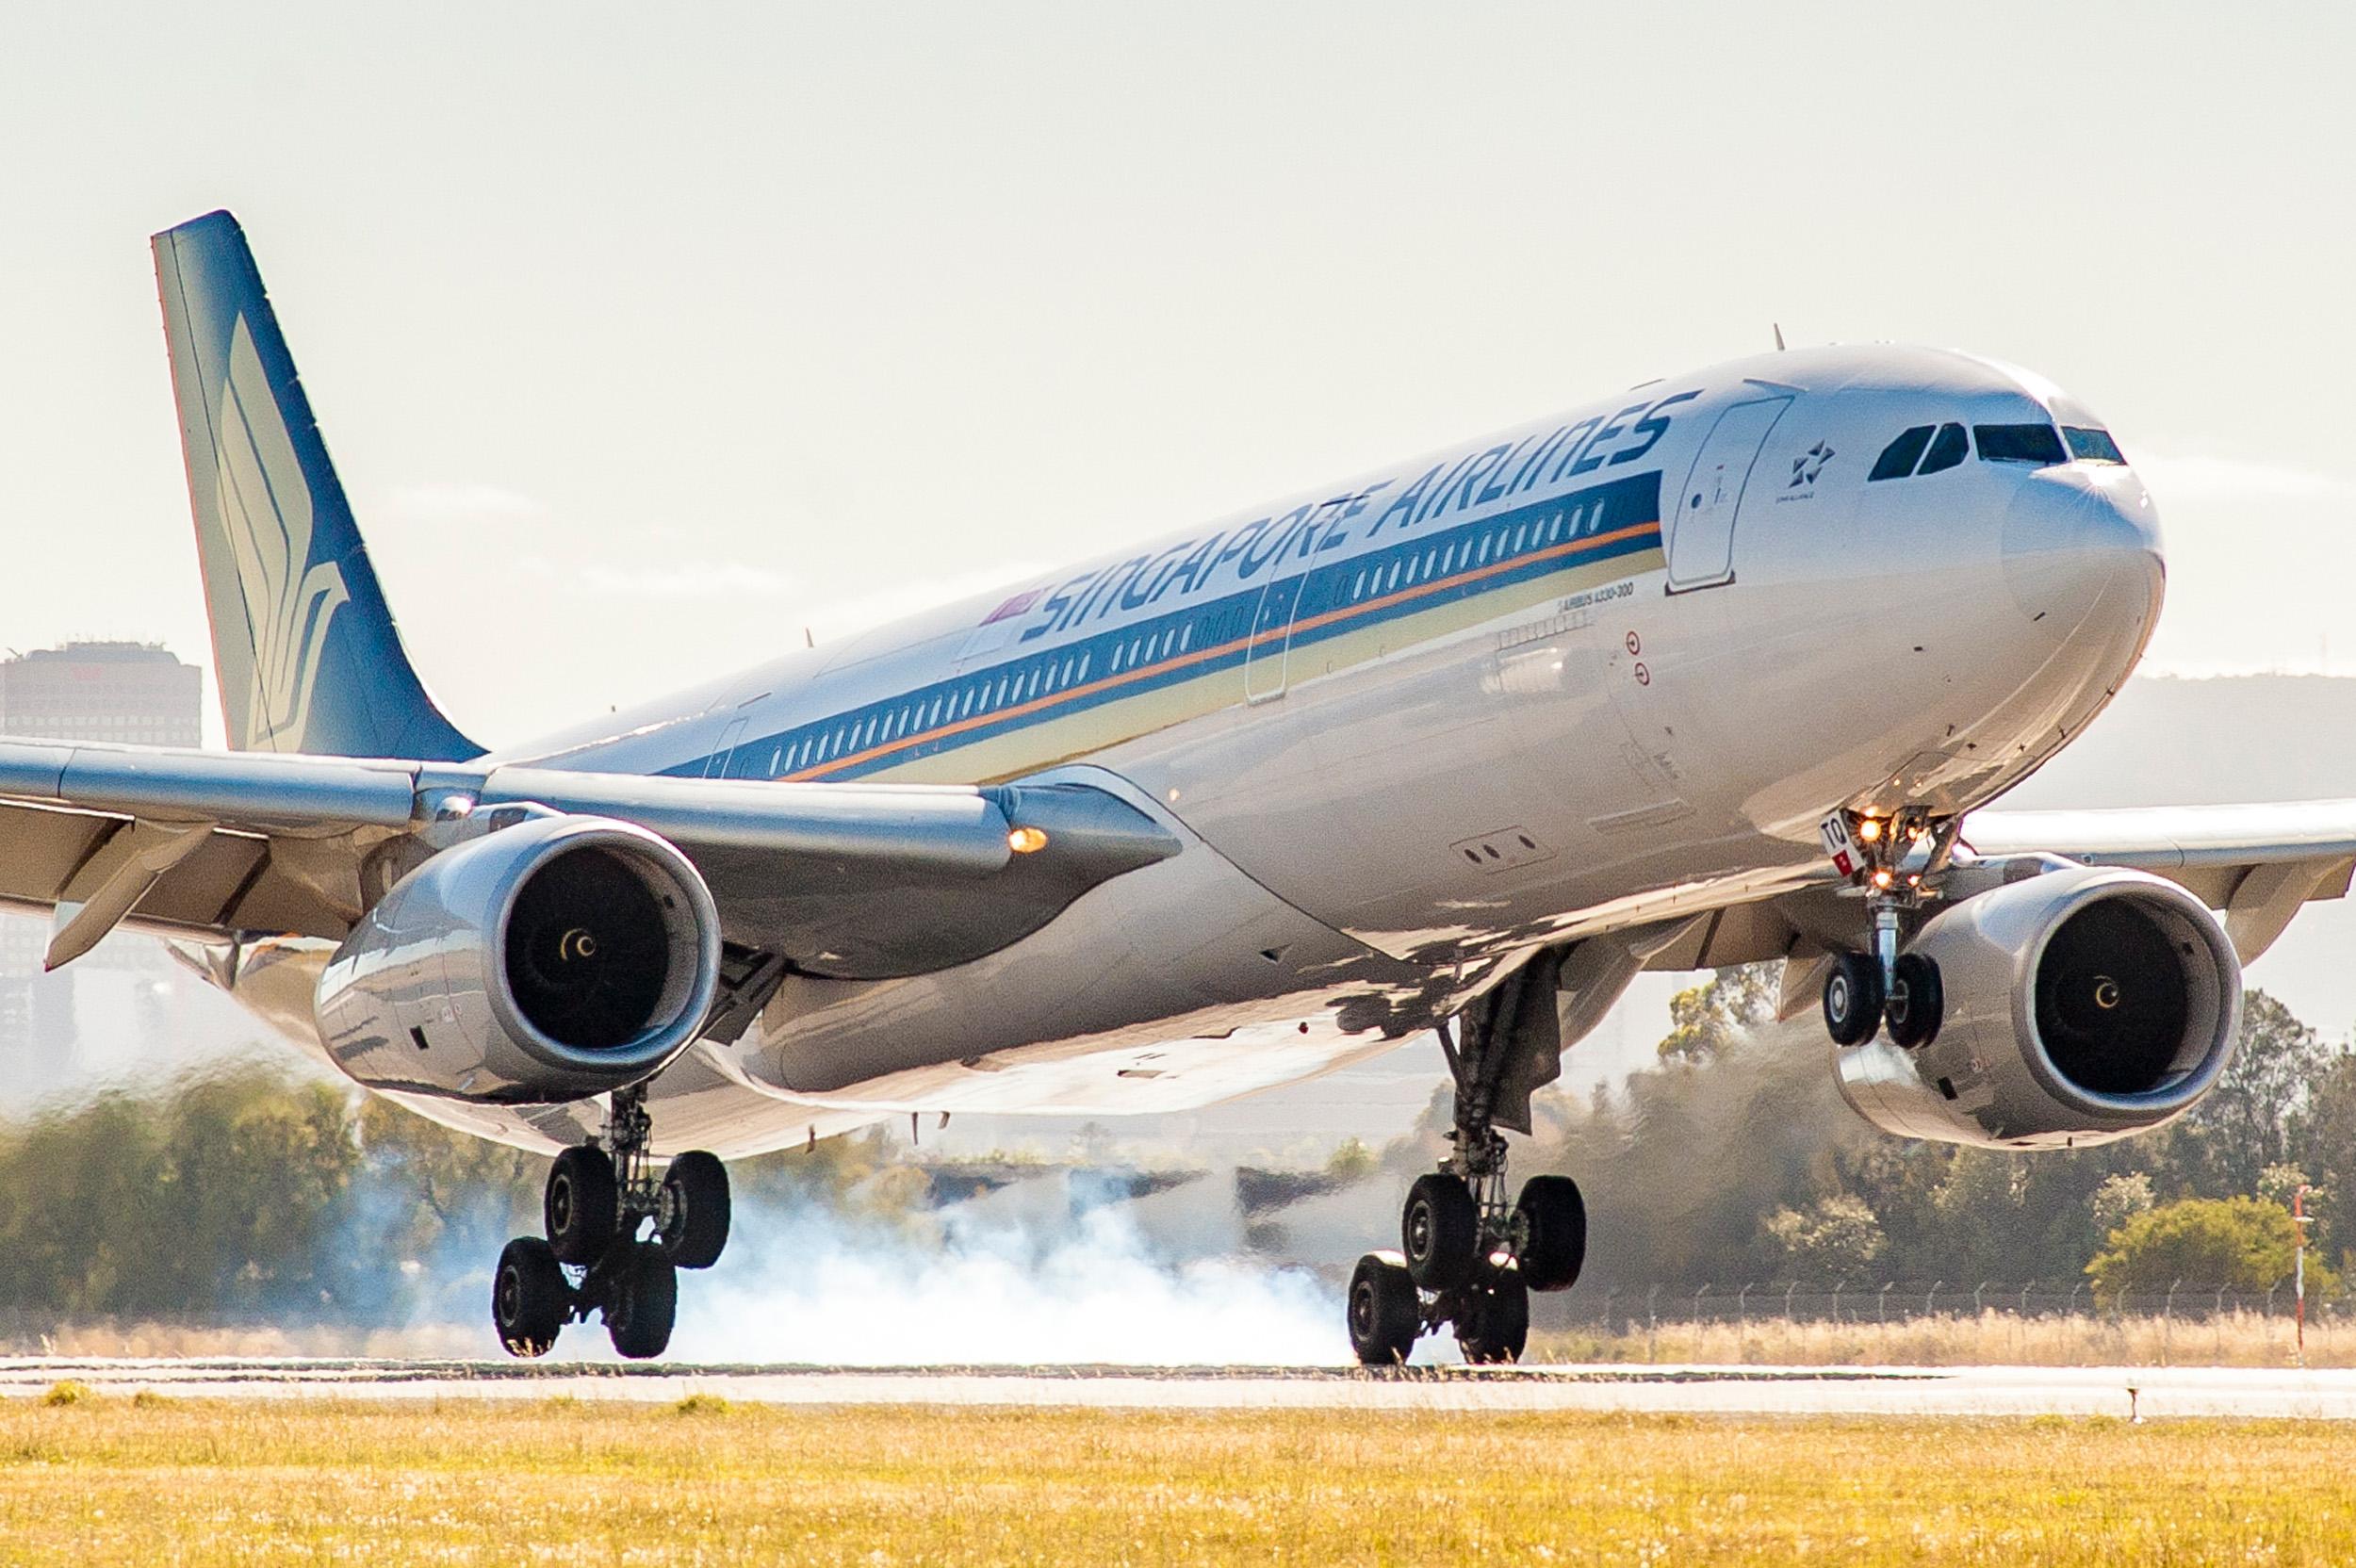 simon.casson.adelaide.aviation.photographer.015.jpg